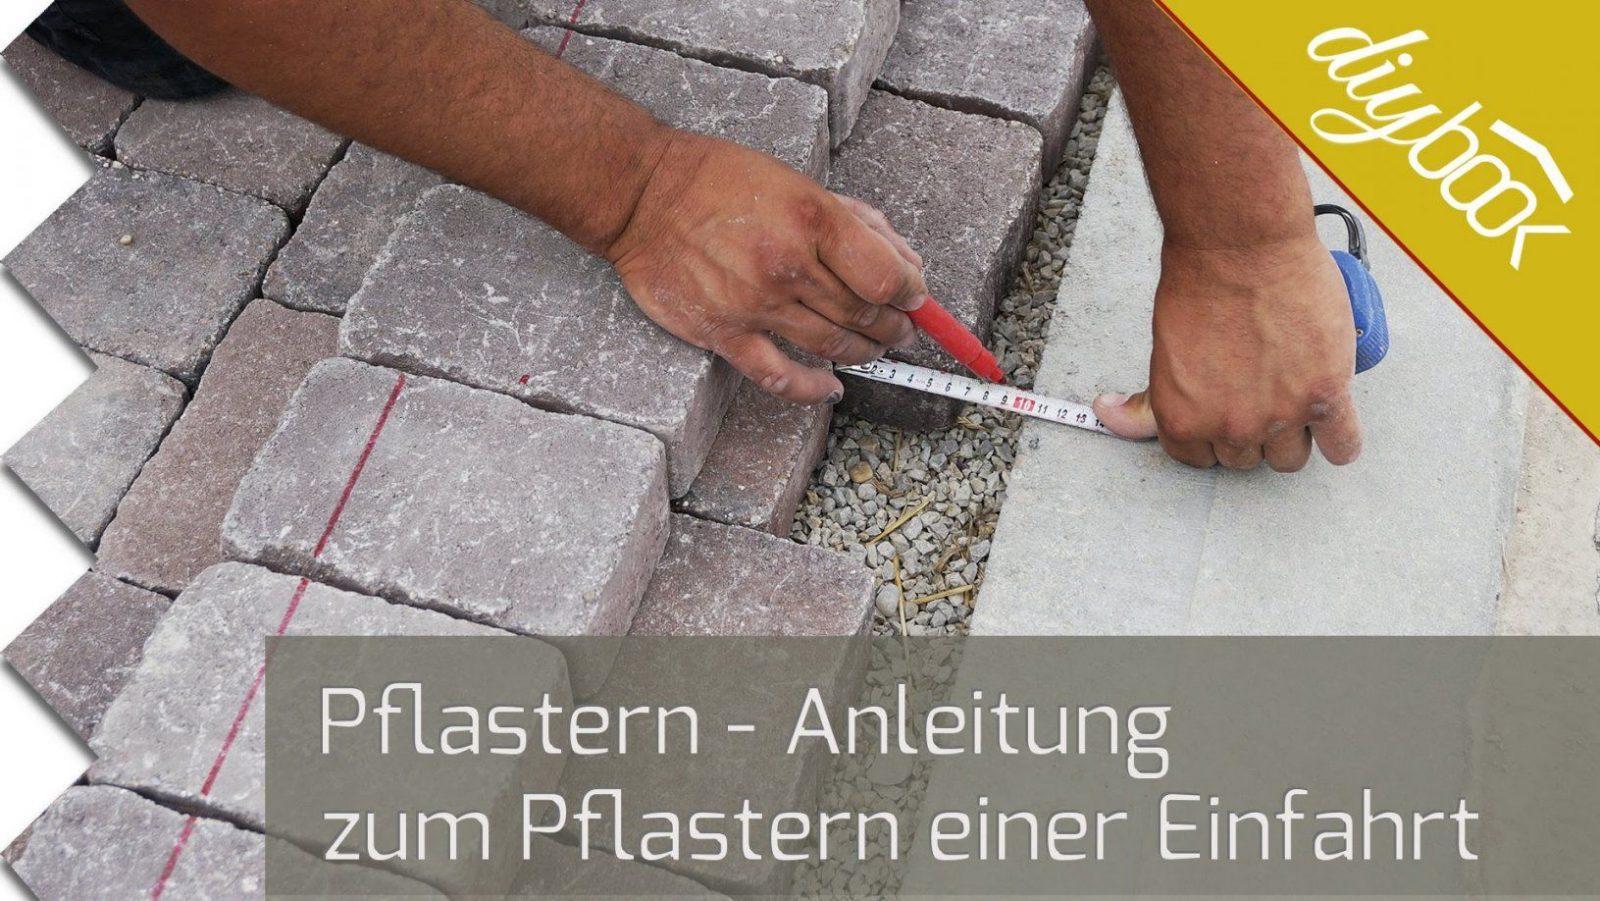 Einfahrt Pflastern  Anleitung Zum Verlegen Von Betonsteinpflaster von Was Kostet 1M2 Pflastern Bild